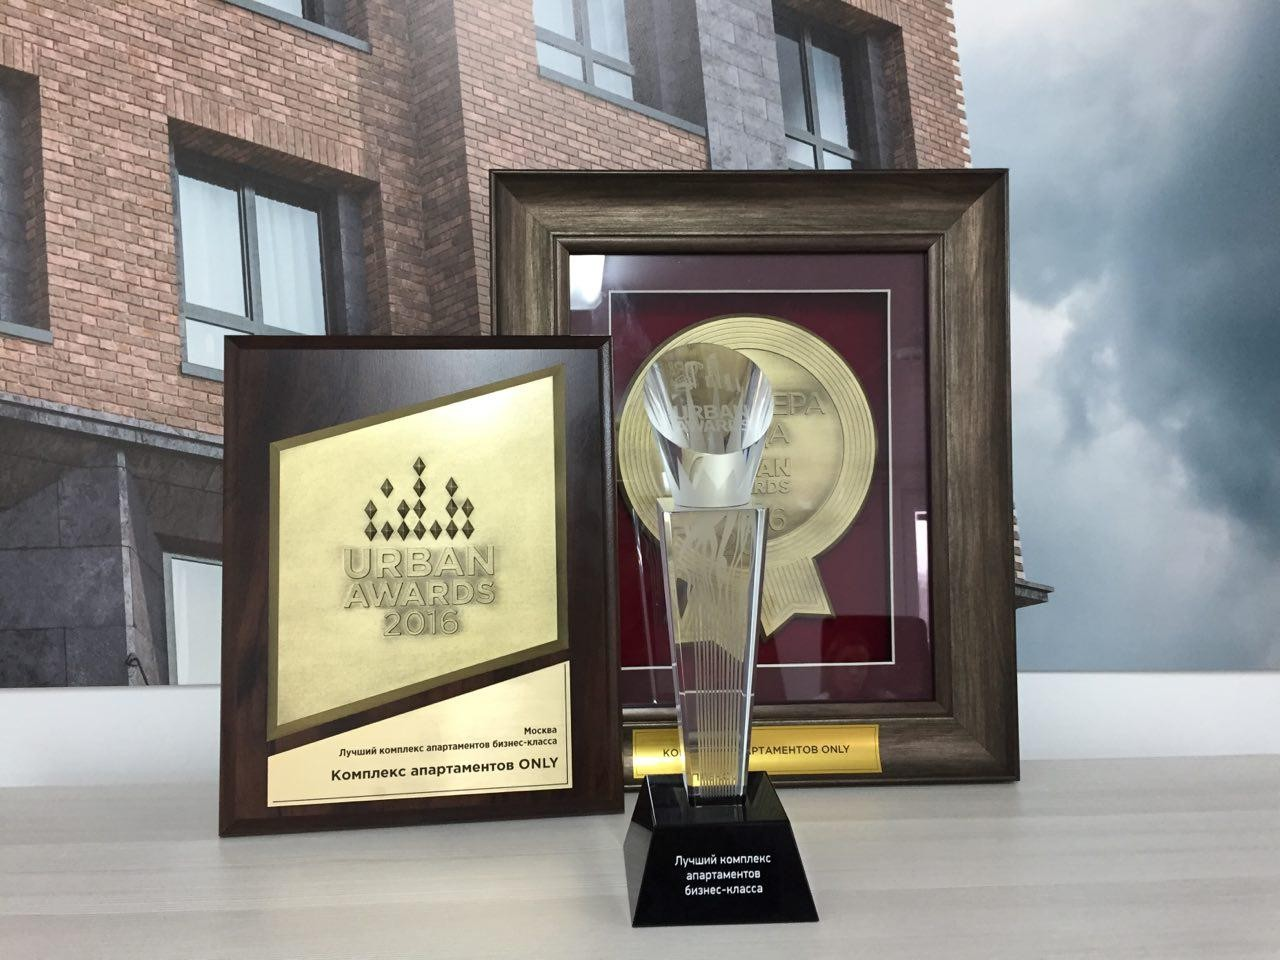 Квартал апартаментов бизнес-класса Only – дважды победитель Urban Awards 2016!